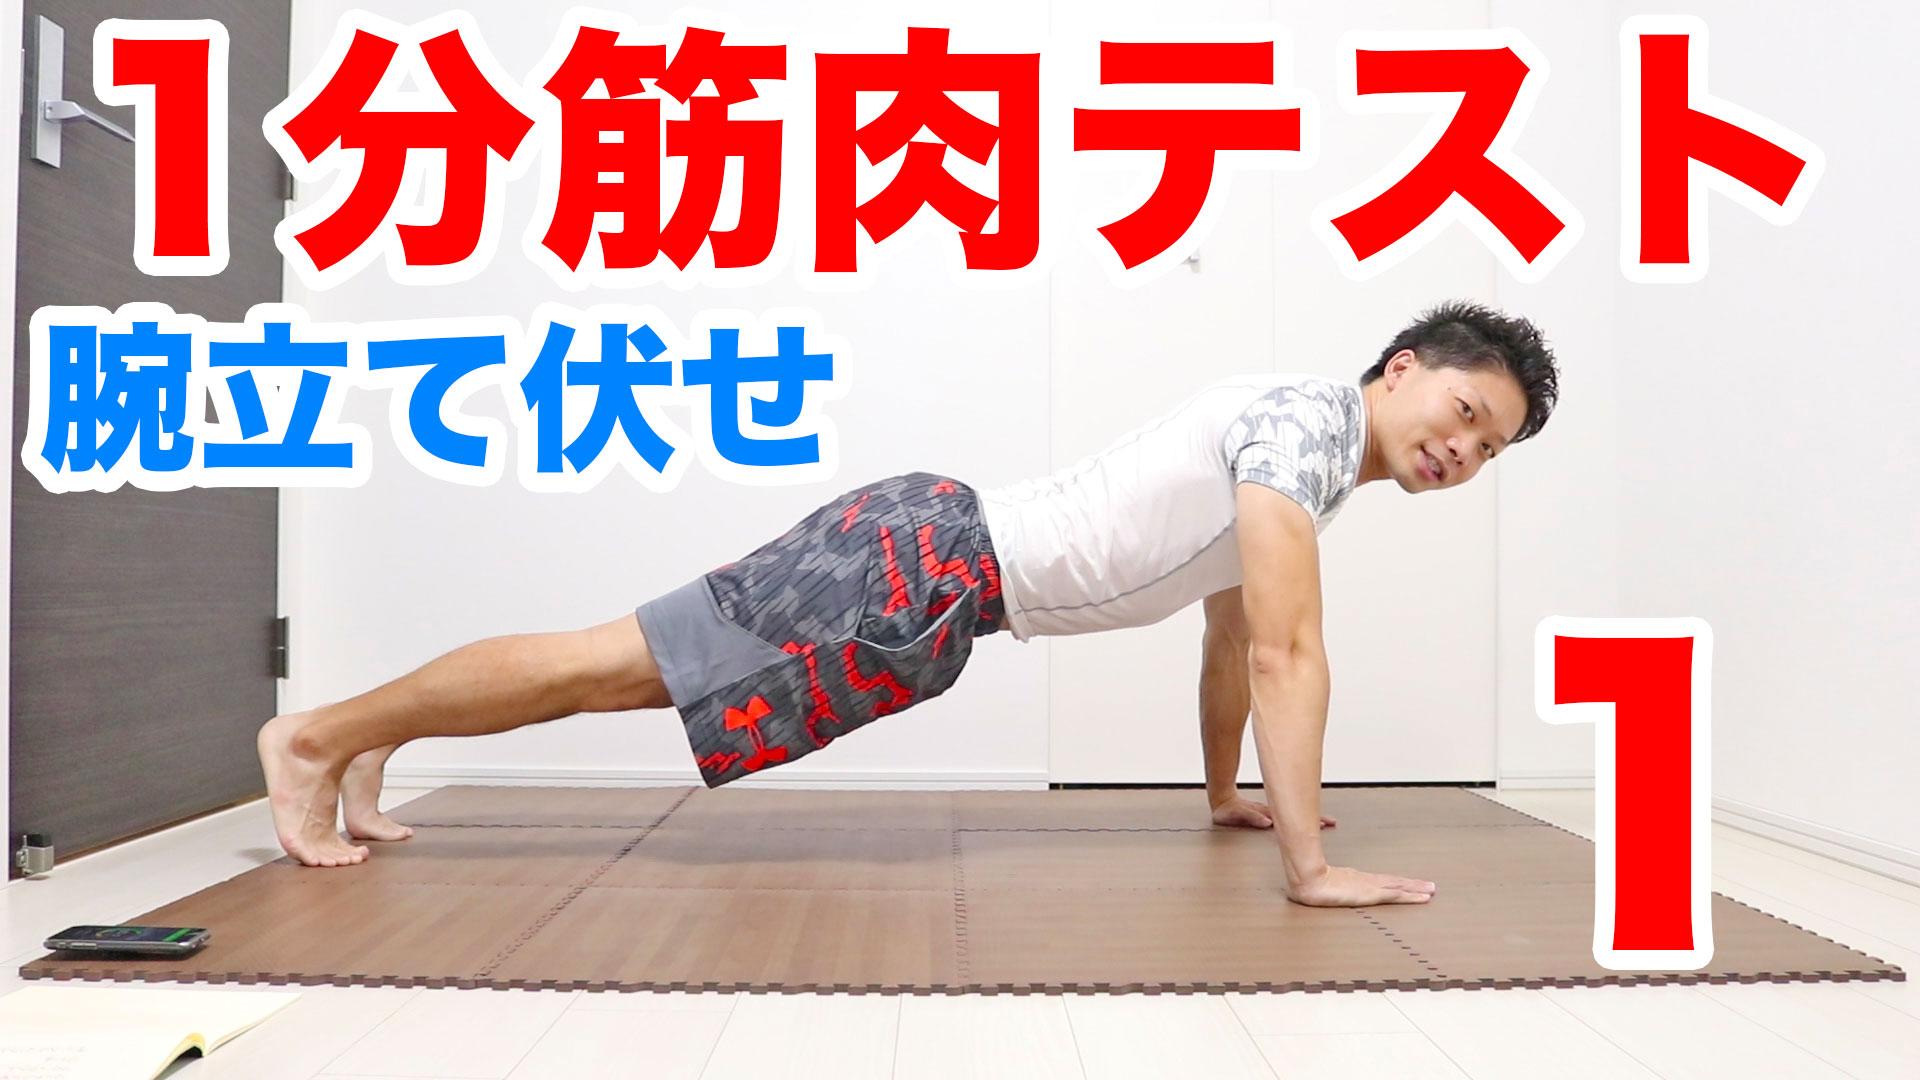 1分筋肉テスト1